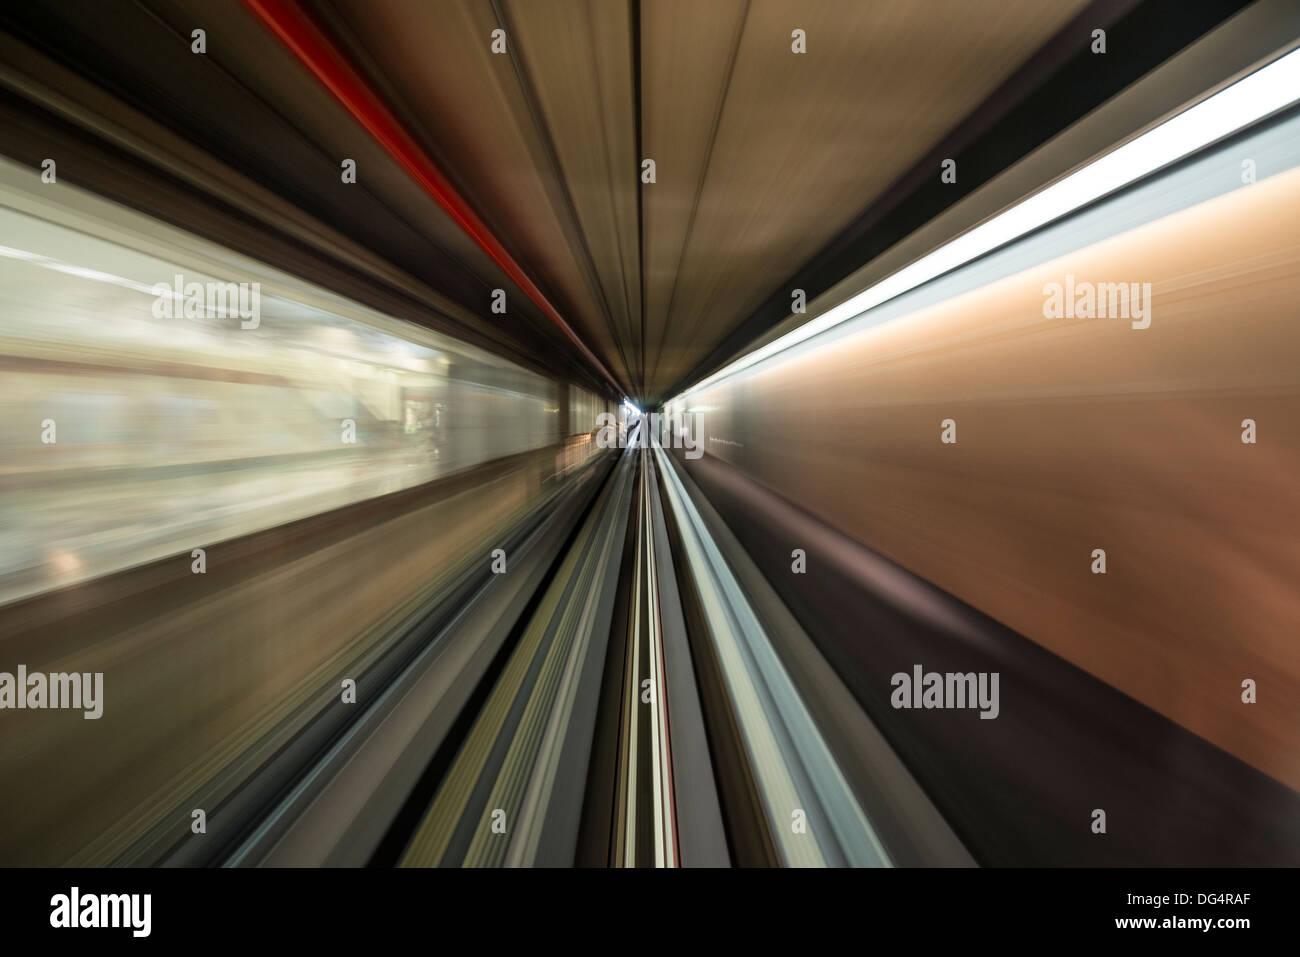 Bewegungsunschärfe in einer beweglichen Straßenbahn Stockbild